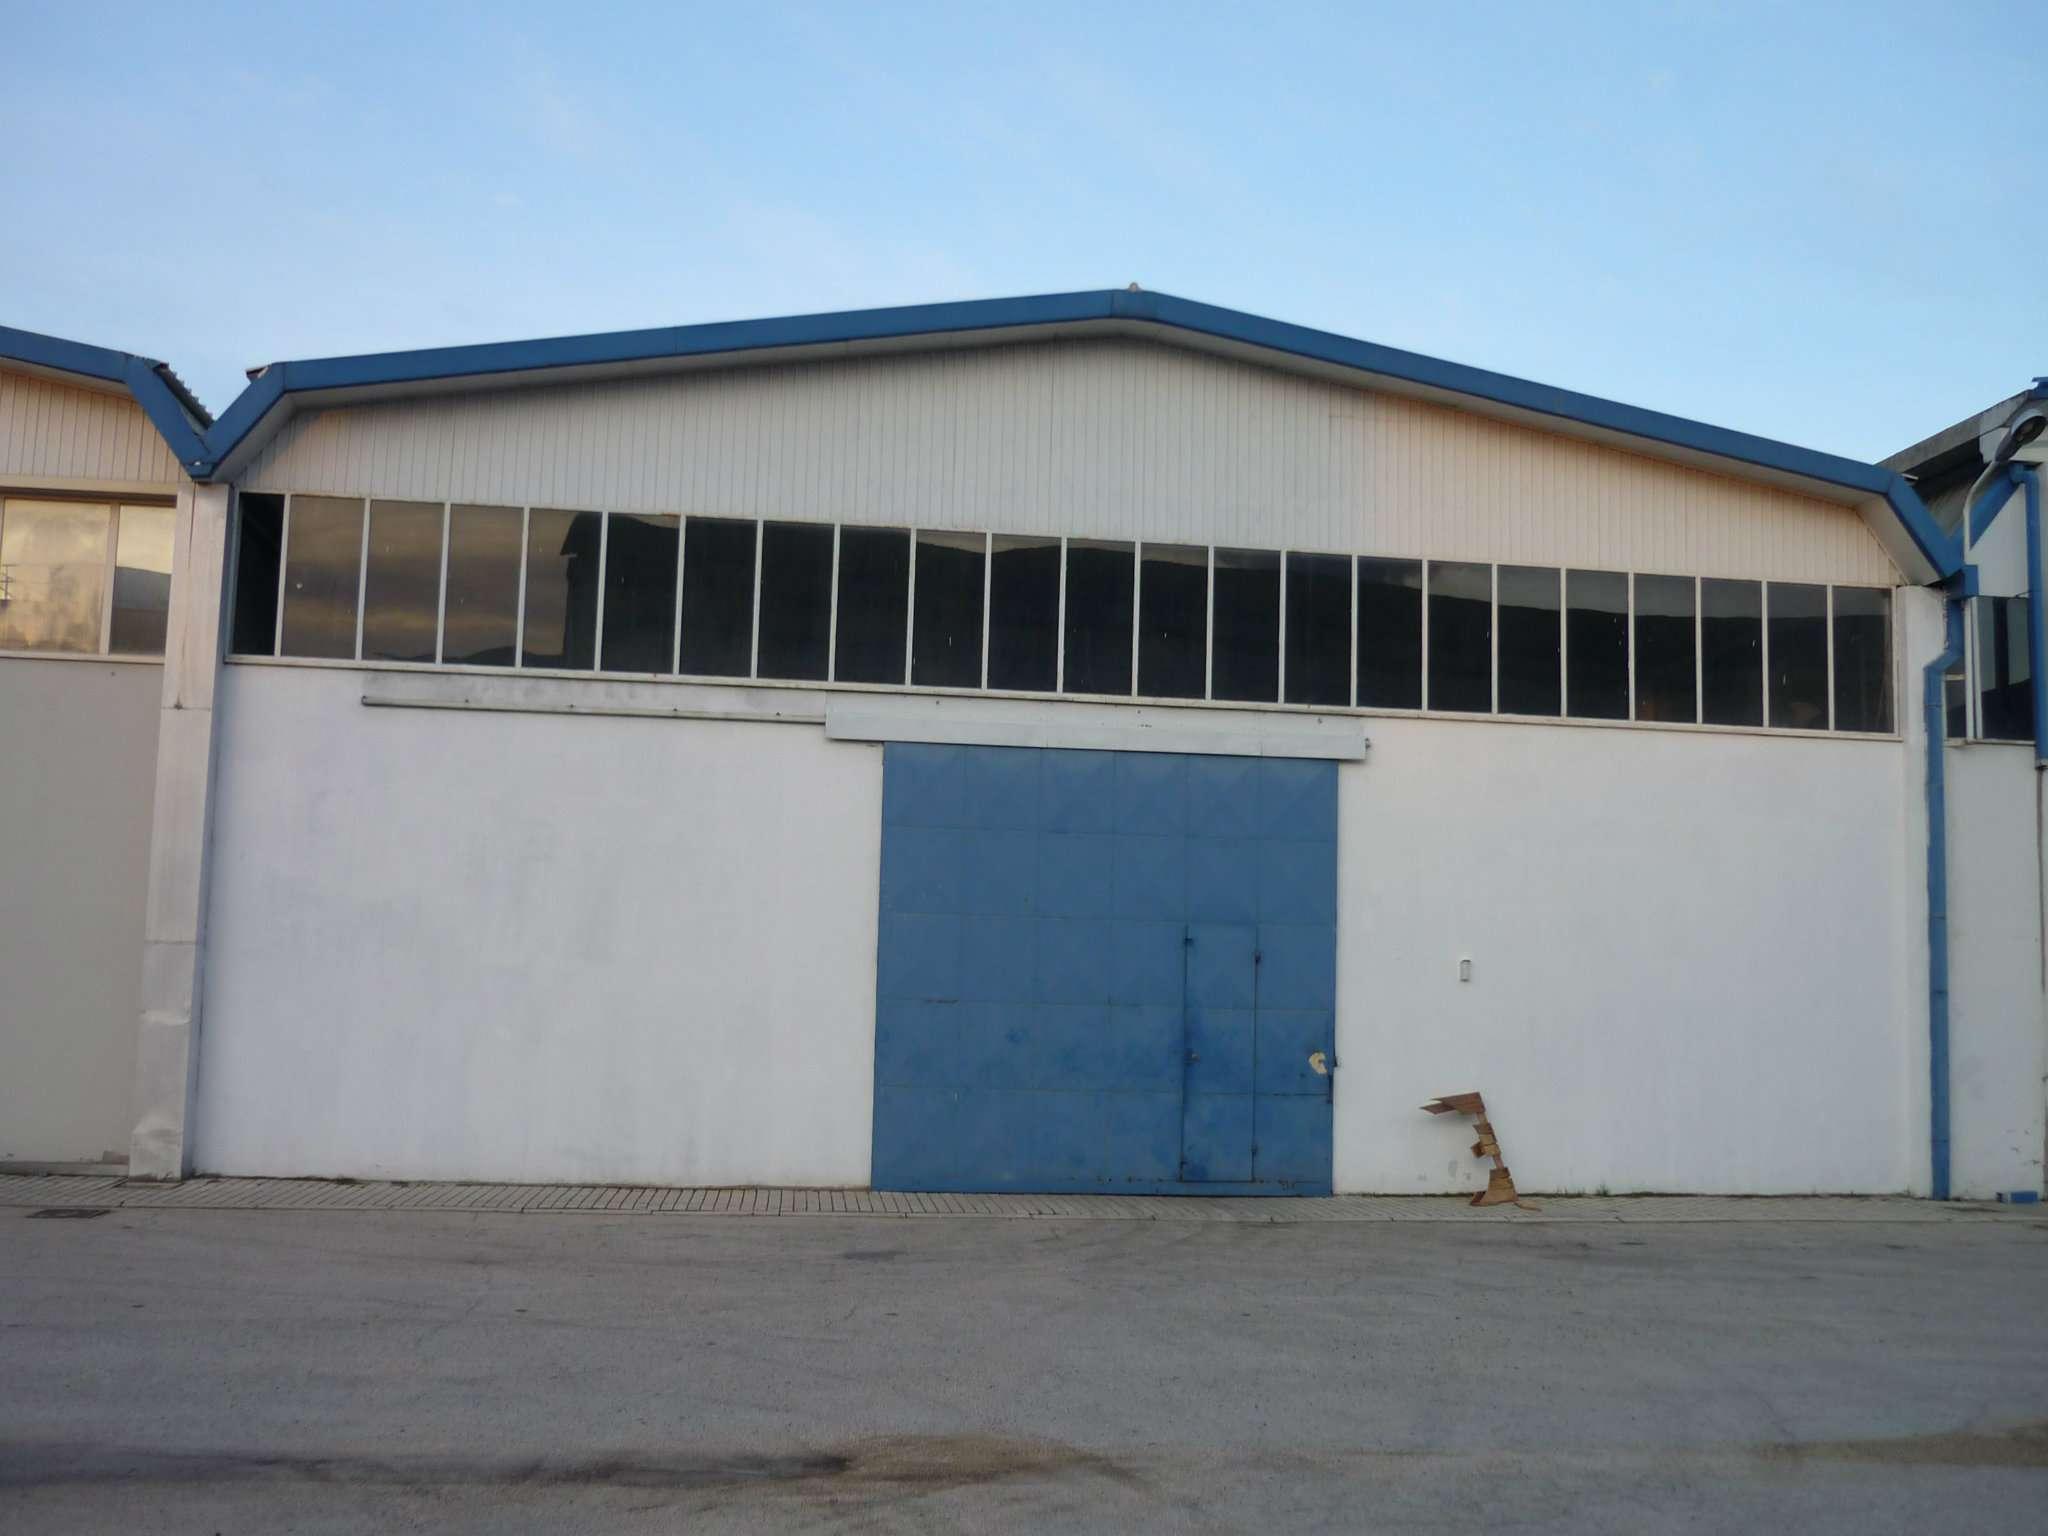 Ufficio capannone pescara in affitto waa2 for Capannone di 300 metri quadrati